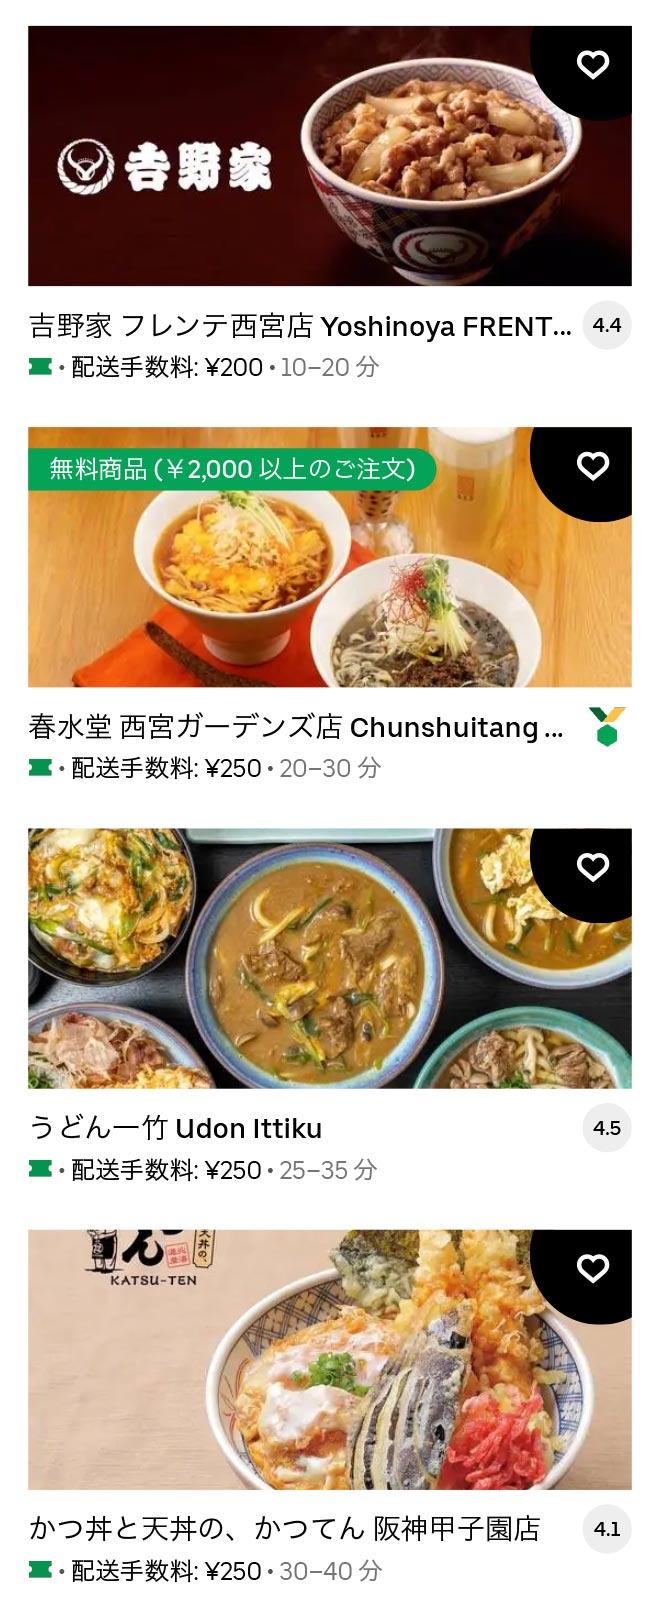 U nishinomiya 2105 13